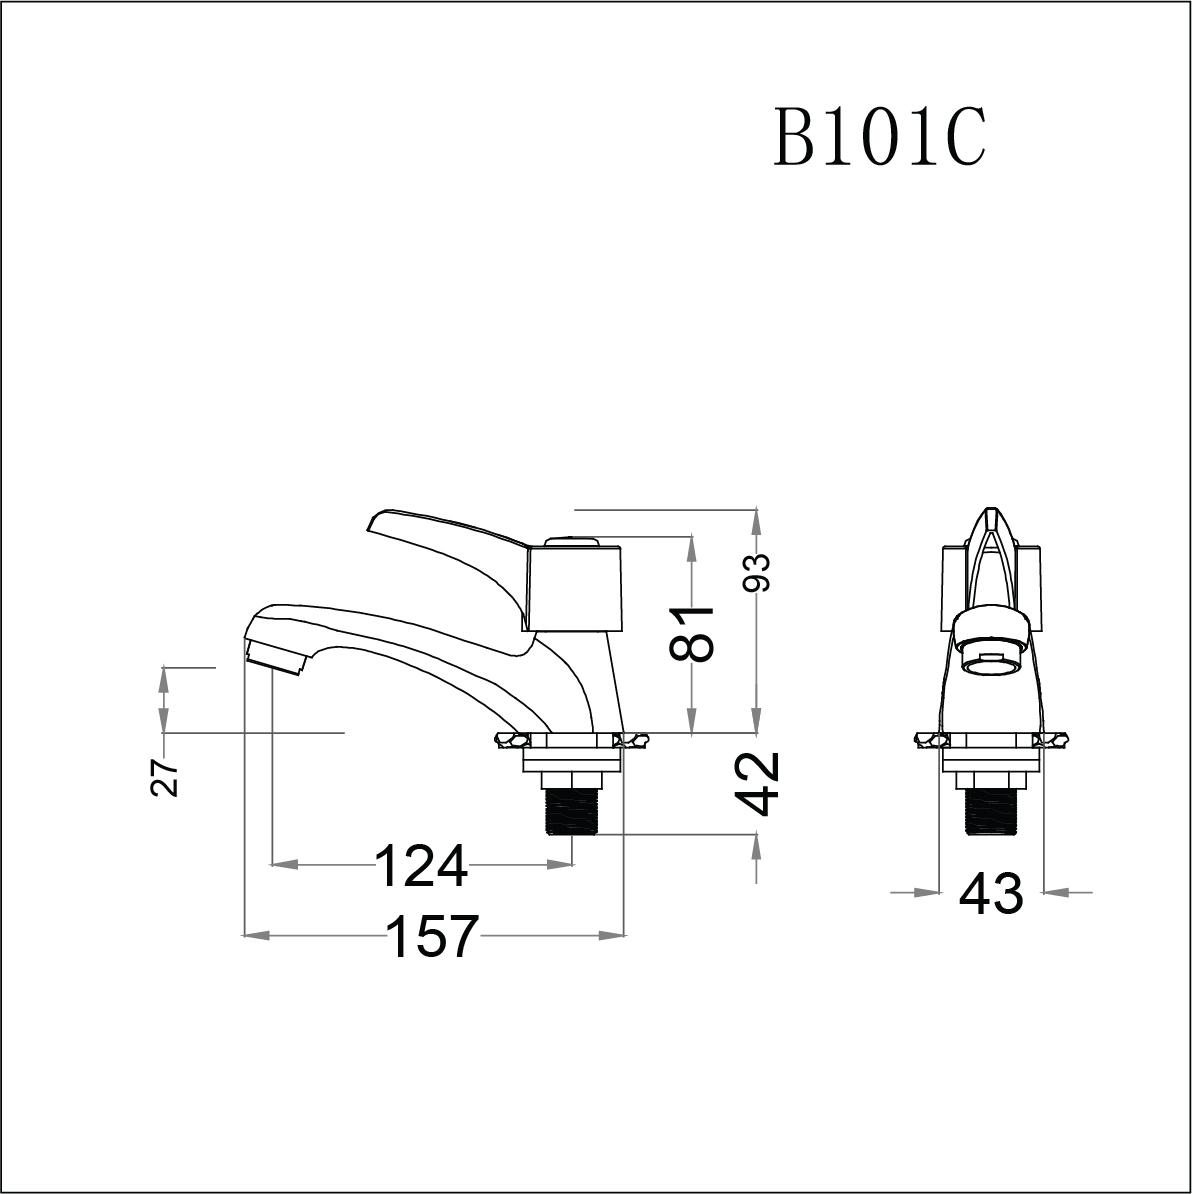 Vòi lavabo lạnh tay gạt Caesar B101C (chưa bao gồm bộ xả và dây cấp nước)